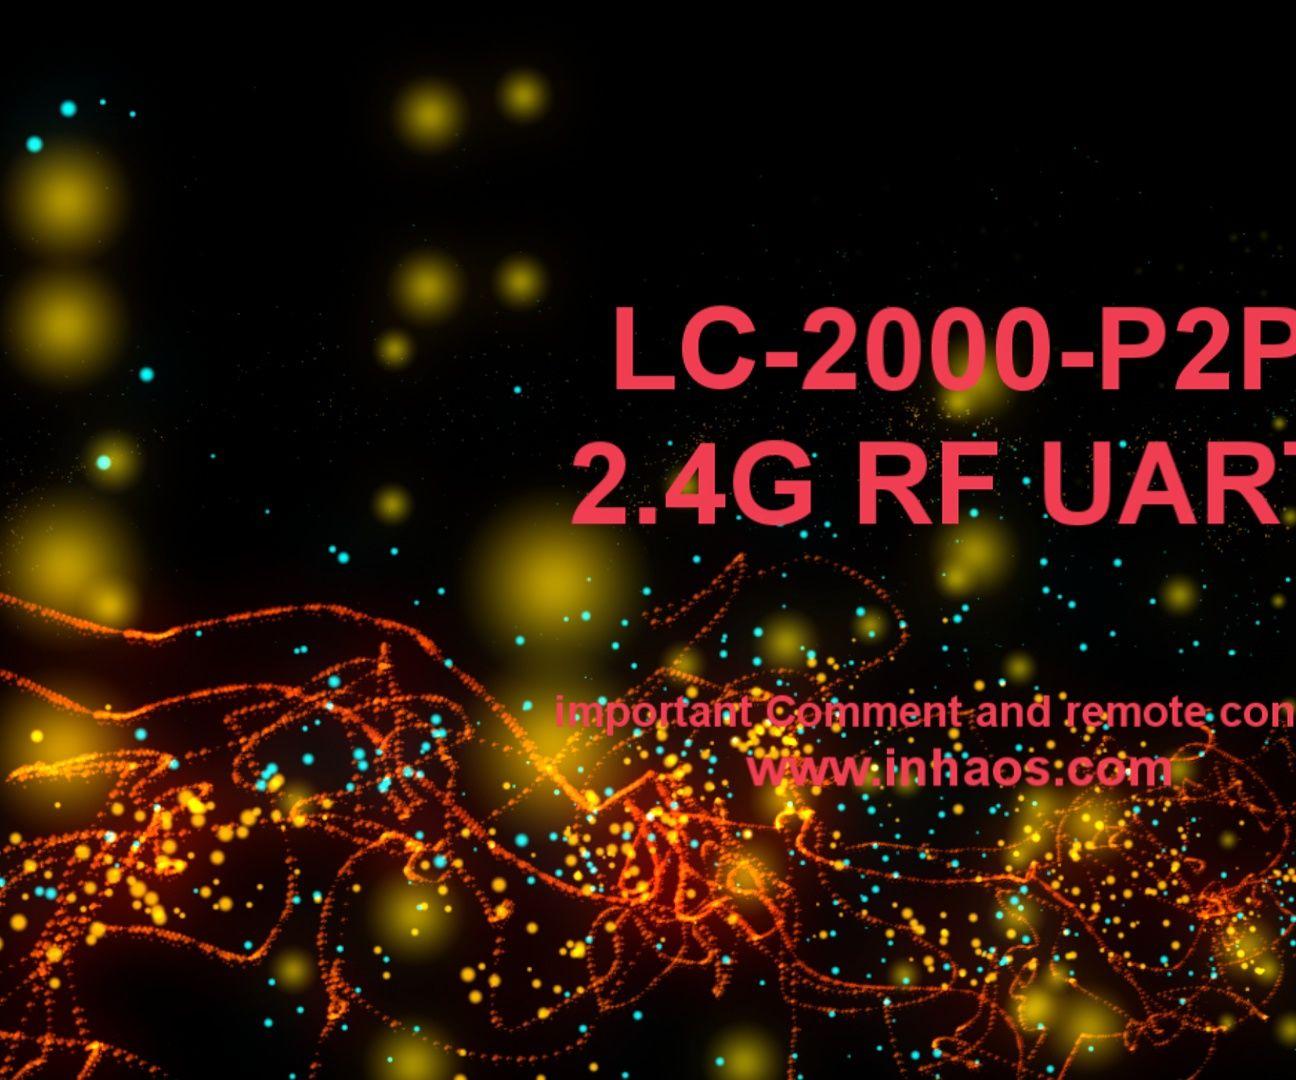 LC-2000(PA)-P2P Remote Control